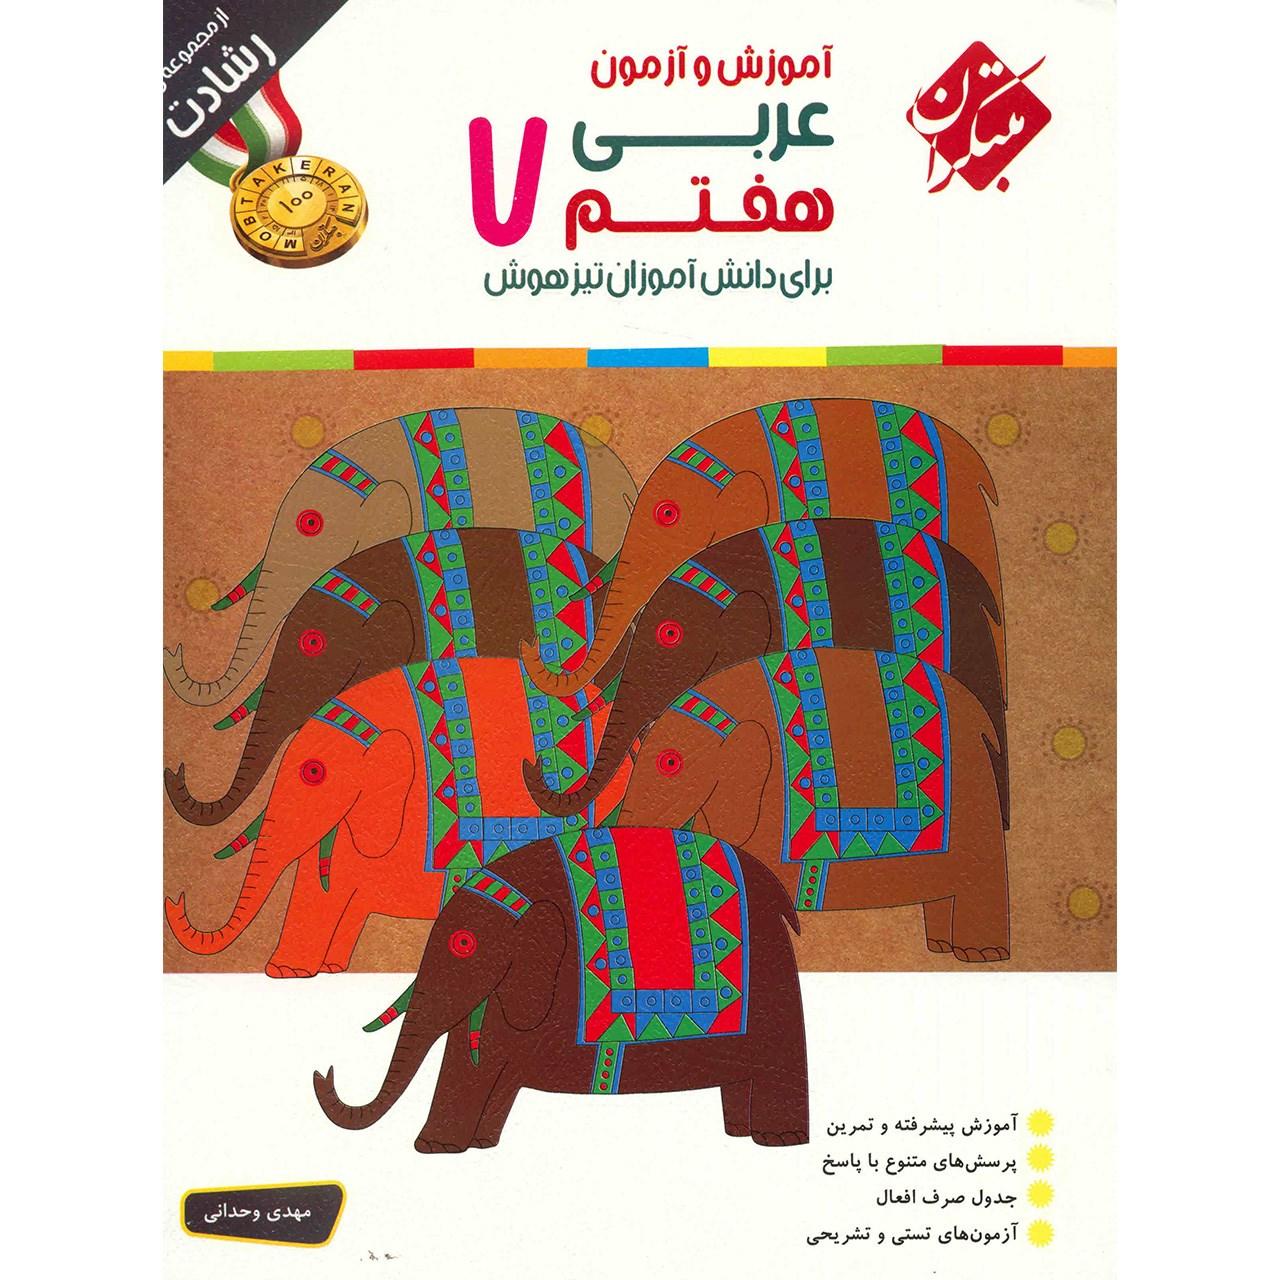 کتاب آموزش و آزمون عربی هفتم مبتکران اثر مهدی وحدانی - رشادت